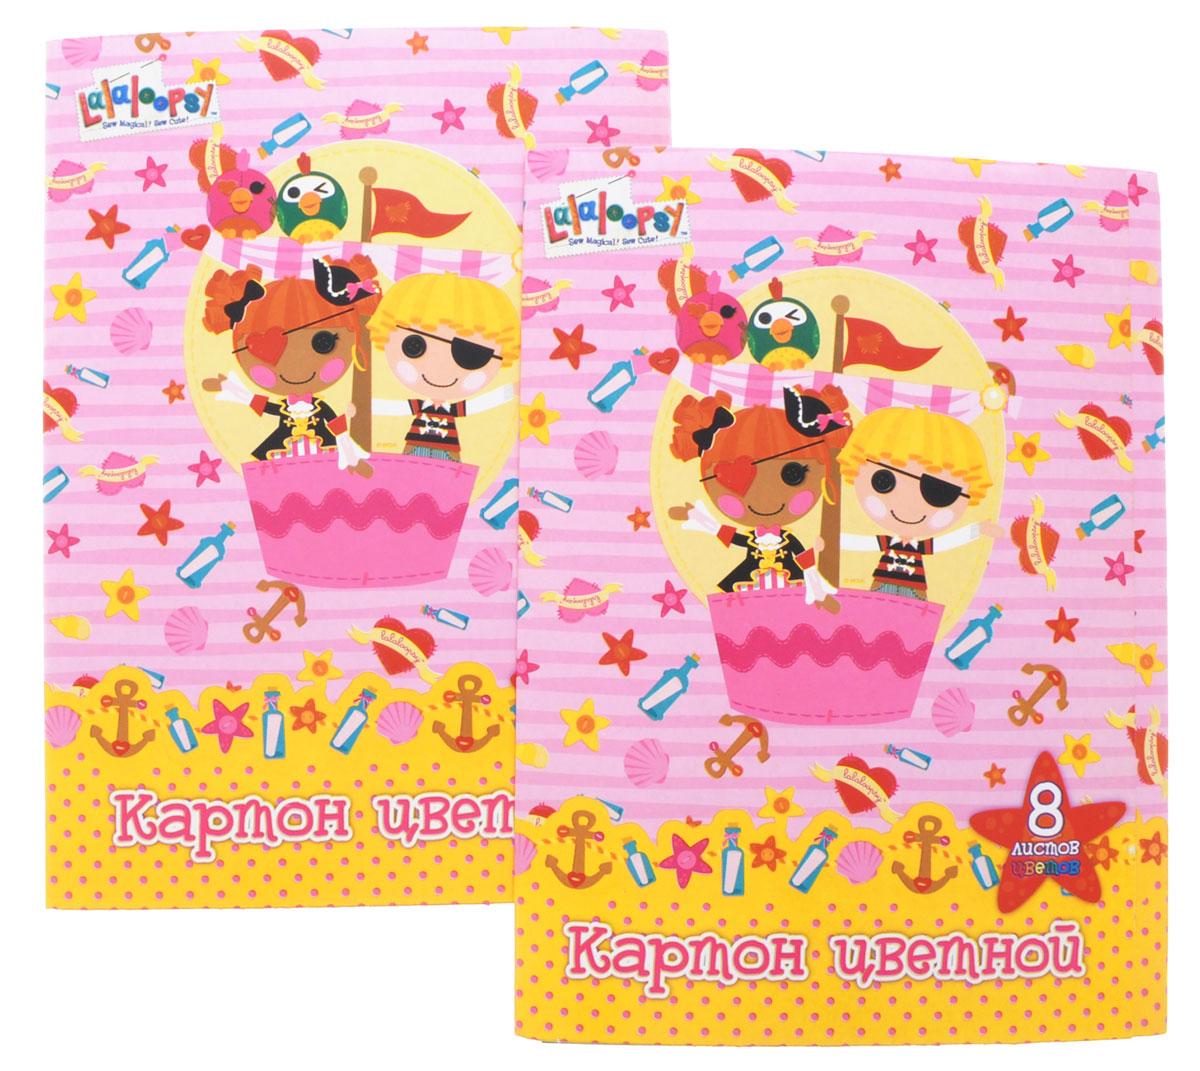 Action! Набор цветного картона Lalaloopsy 8 листов цвет розовый 2 шт72523WDНабор цветного картона Action! Lalaloopsy позволит создавать всевозможные аппликации и поделки.Набор упакован в картонную папку с изображением персонажей мультфильма Лалалупси. Создание поделок из цветного картона позволяет ребенку развивать творческие способности, кроме того, это увлекательный досуг.Одна папка содержит 8 листов цветного картона. Цвета: красный, желтый, синий, оранжевый, коричневый, черный, зеленый, белый. В набор входят две папки.Уважаемые клиенты!Обращаем ваше внимание на возможные изменения в дизайне, связанные с ассортиментом продукции: дизайн может отличаться от представленного на изображении. Поставка осуществляется в зависимости от наличия на складе.